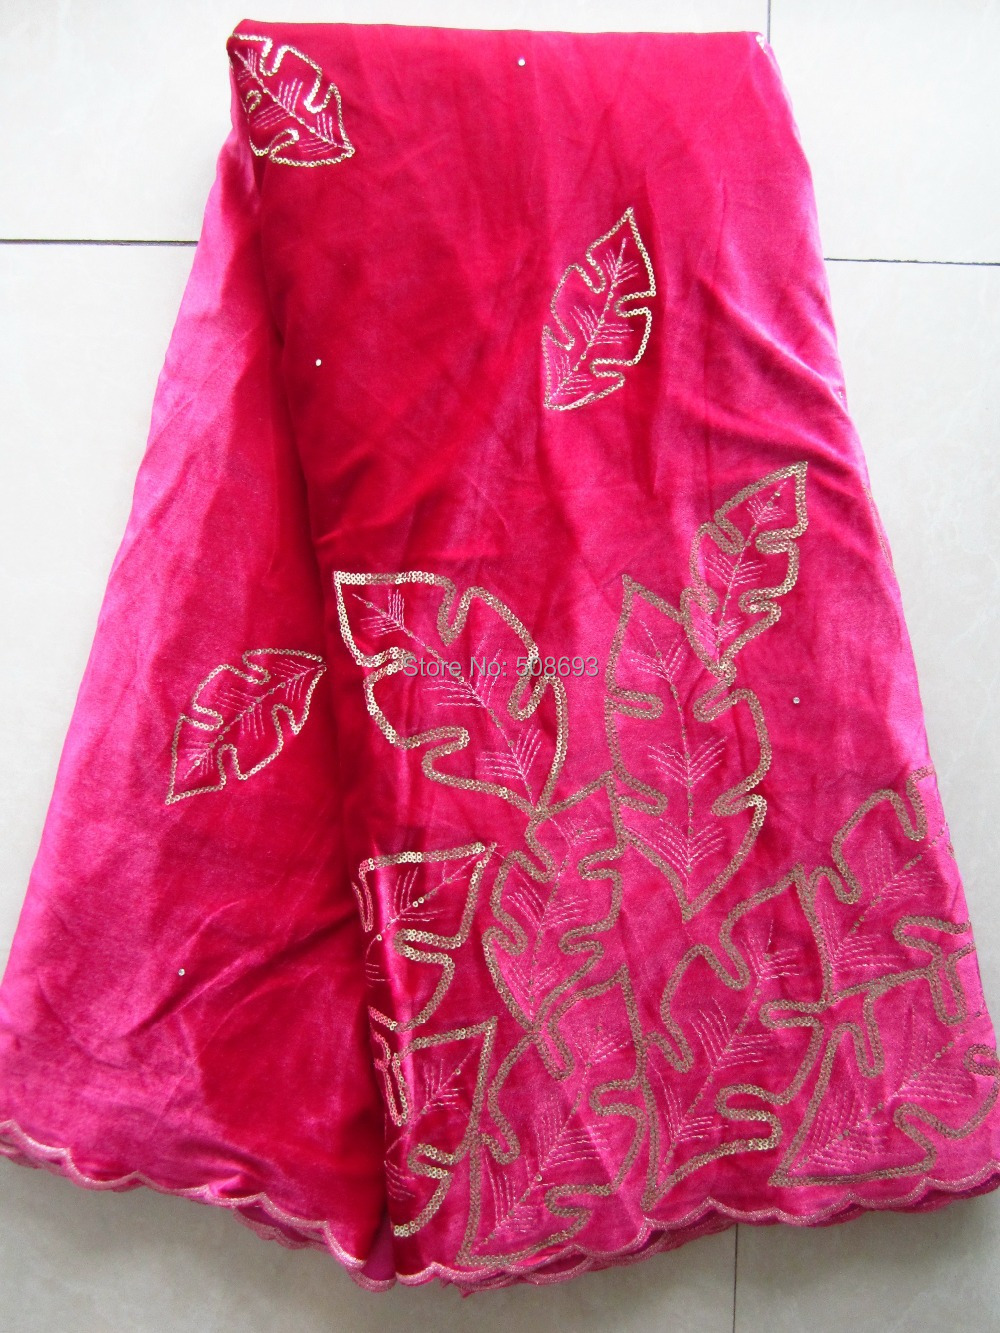 Fushia розовый цвет дизайн Корея бархат кружевной ткани из качественный материал качество роскошь для случая